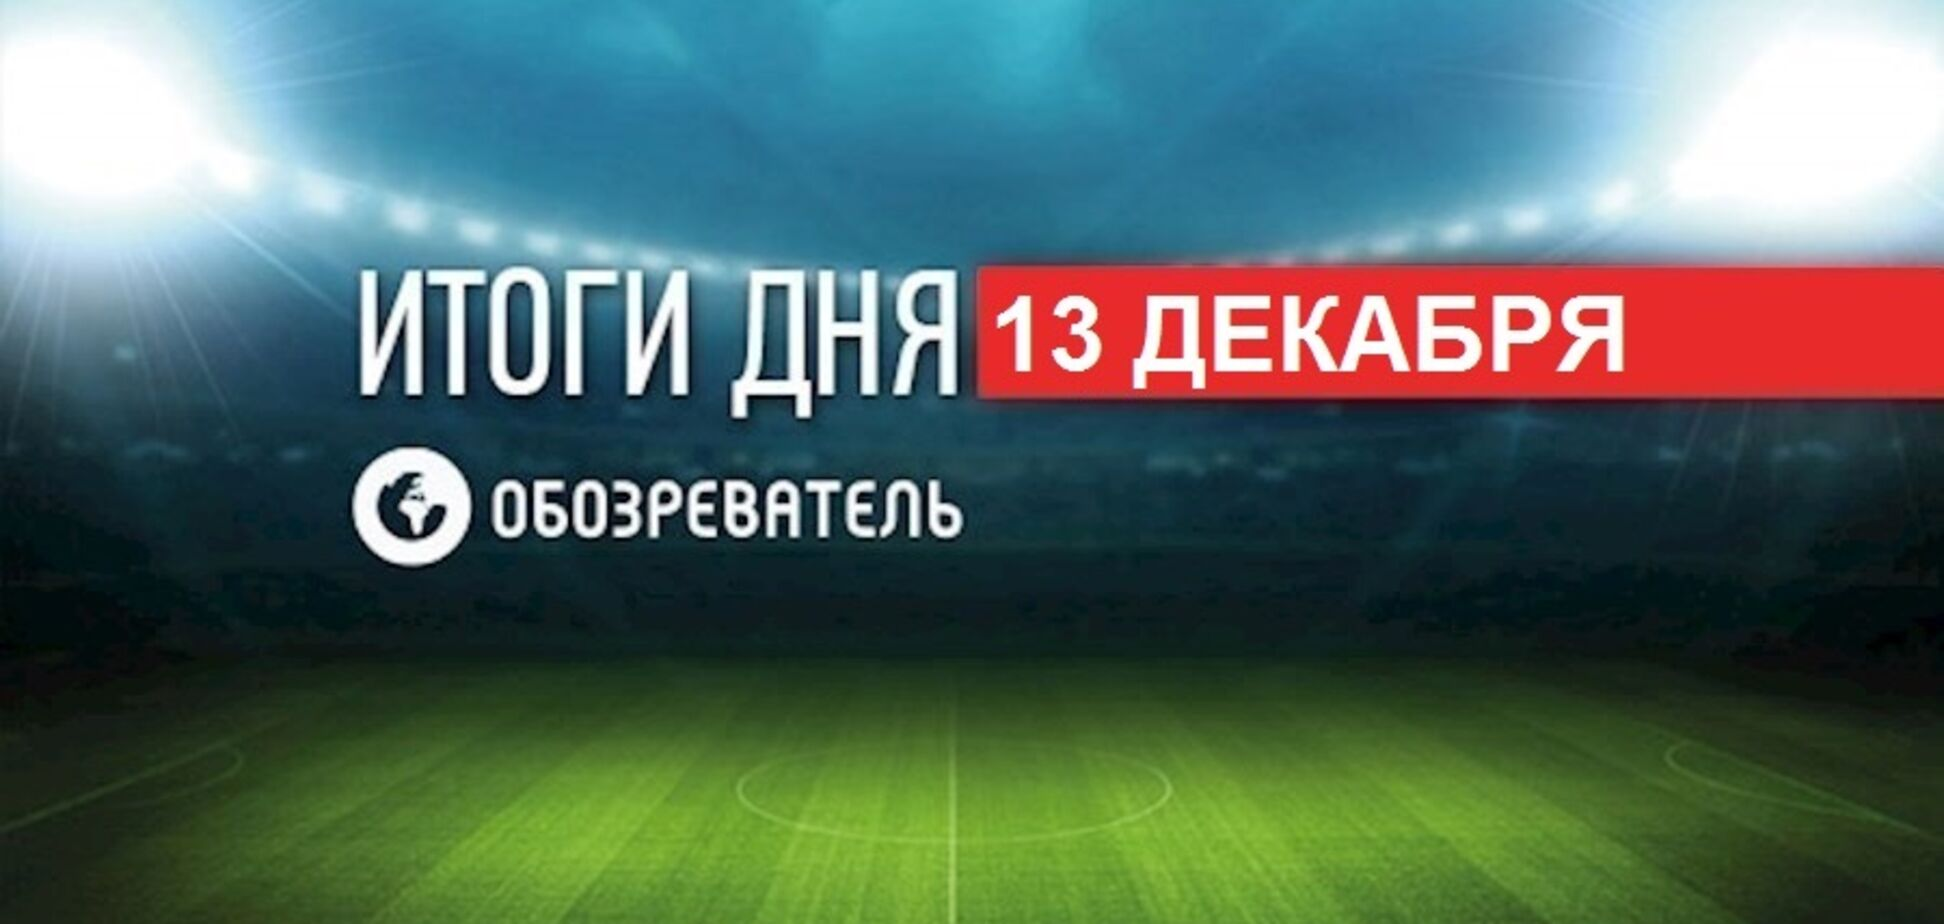 Усик сделал заявление о ''захвате'' лавры: спортивные итоги 13 декабря